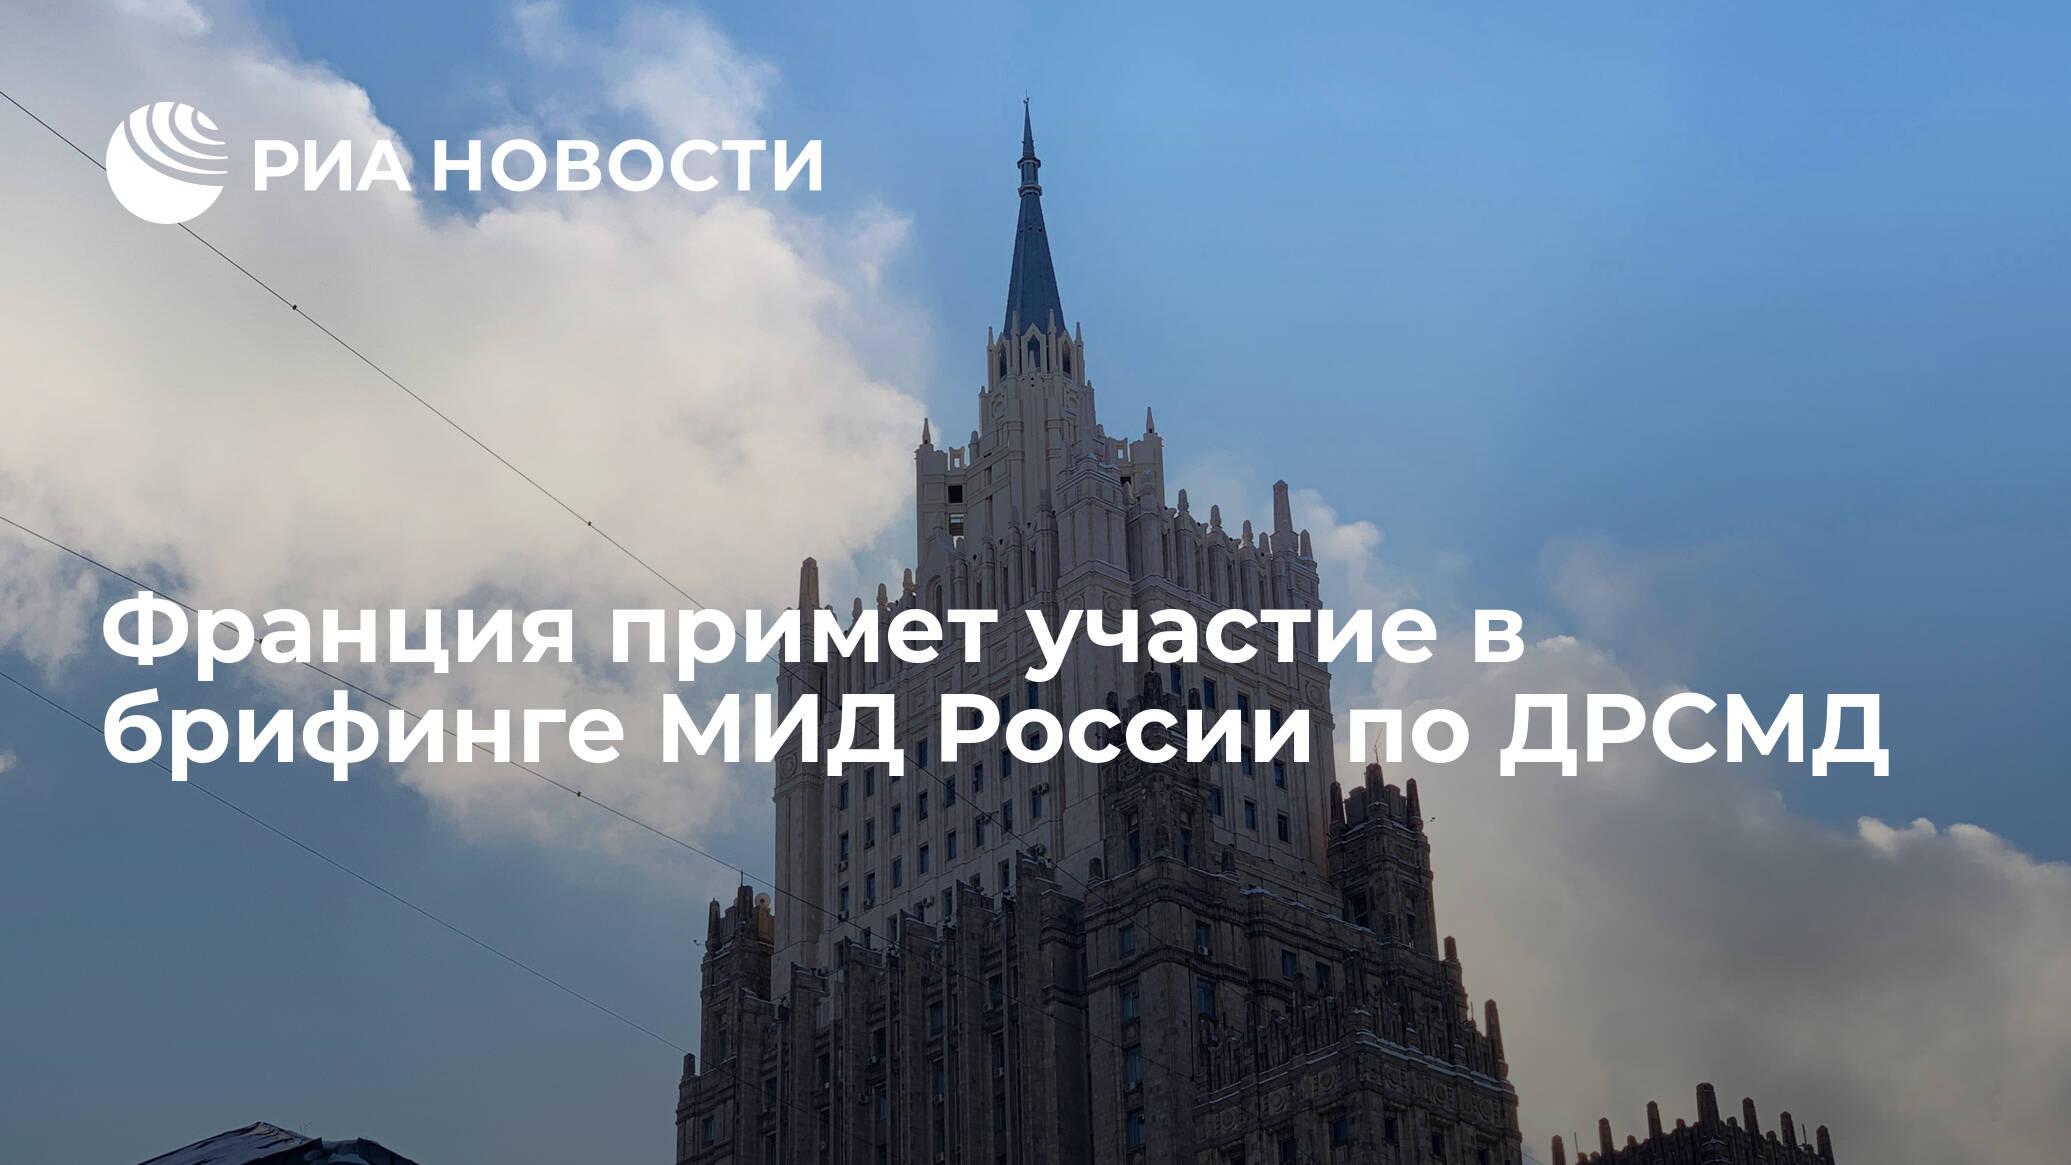 Франция примет участие в брифинге МИД России по ДРСМД